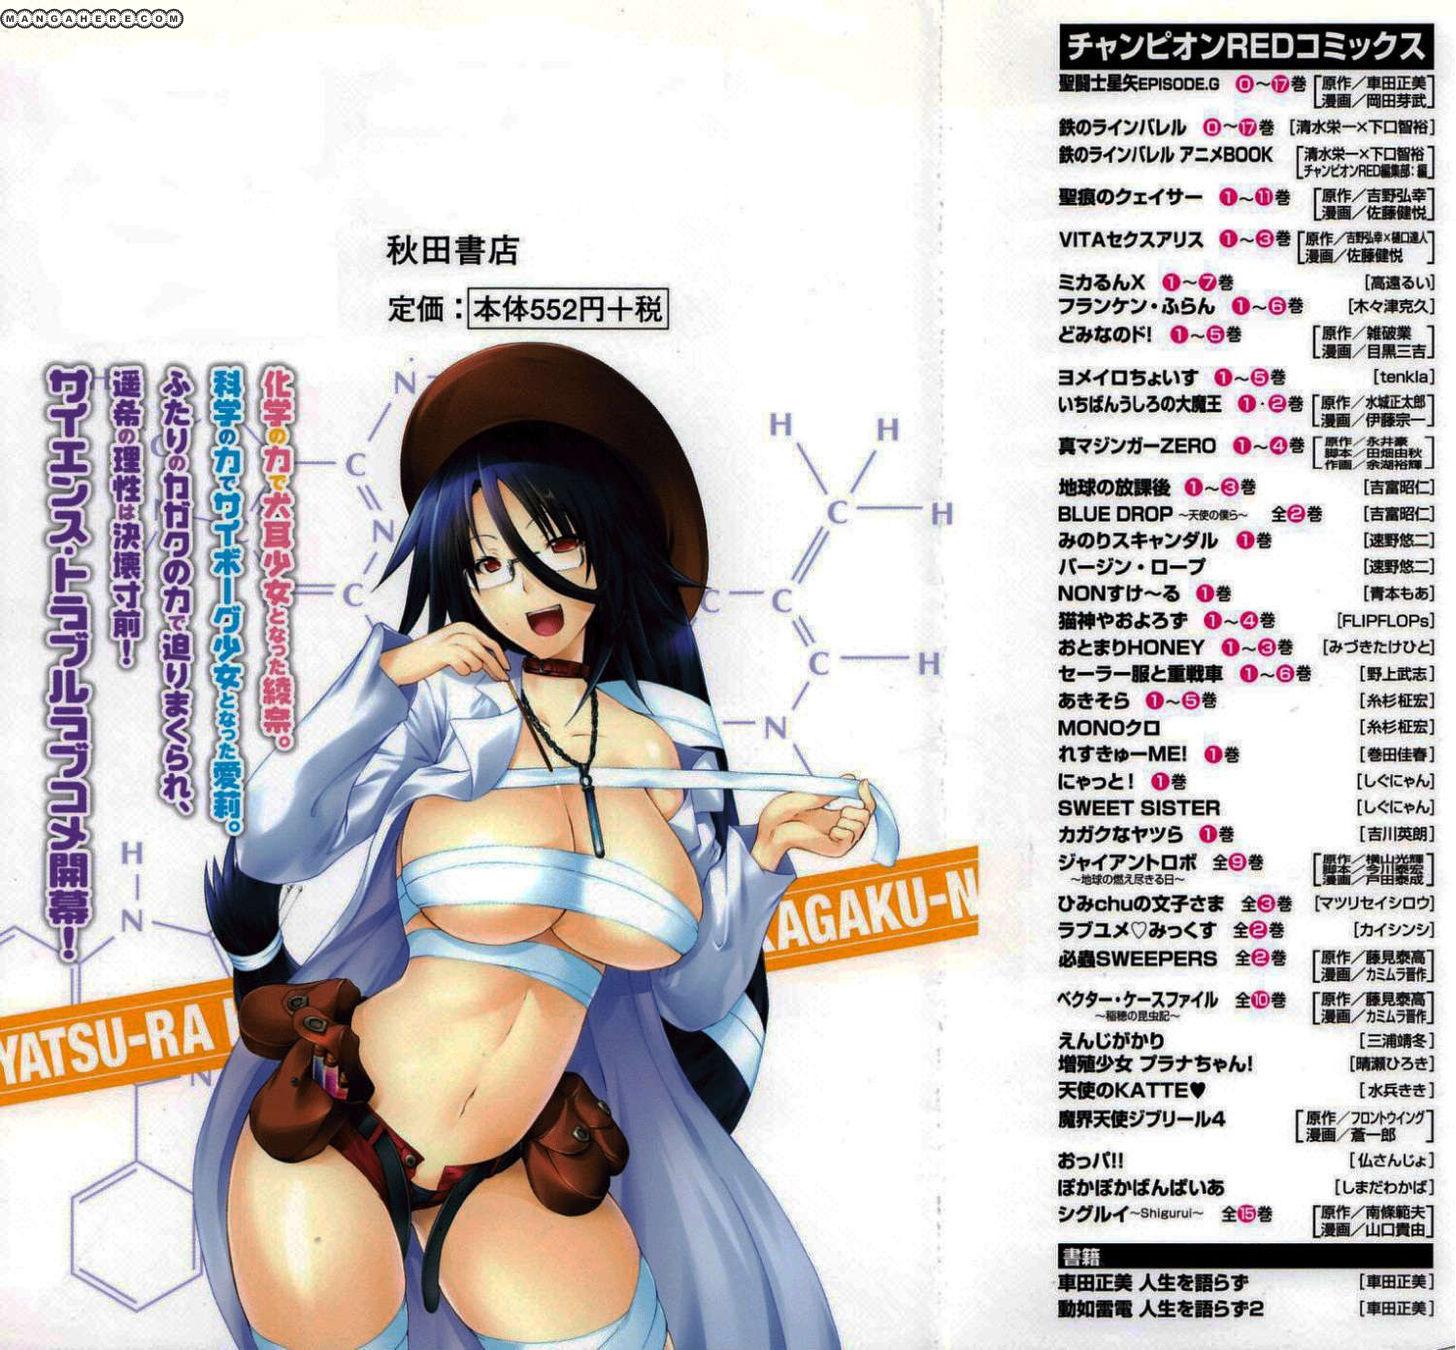 Kagaku na Yatsura 1 Page 2